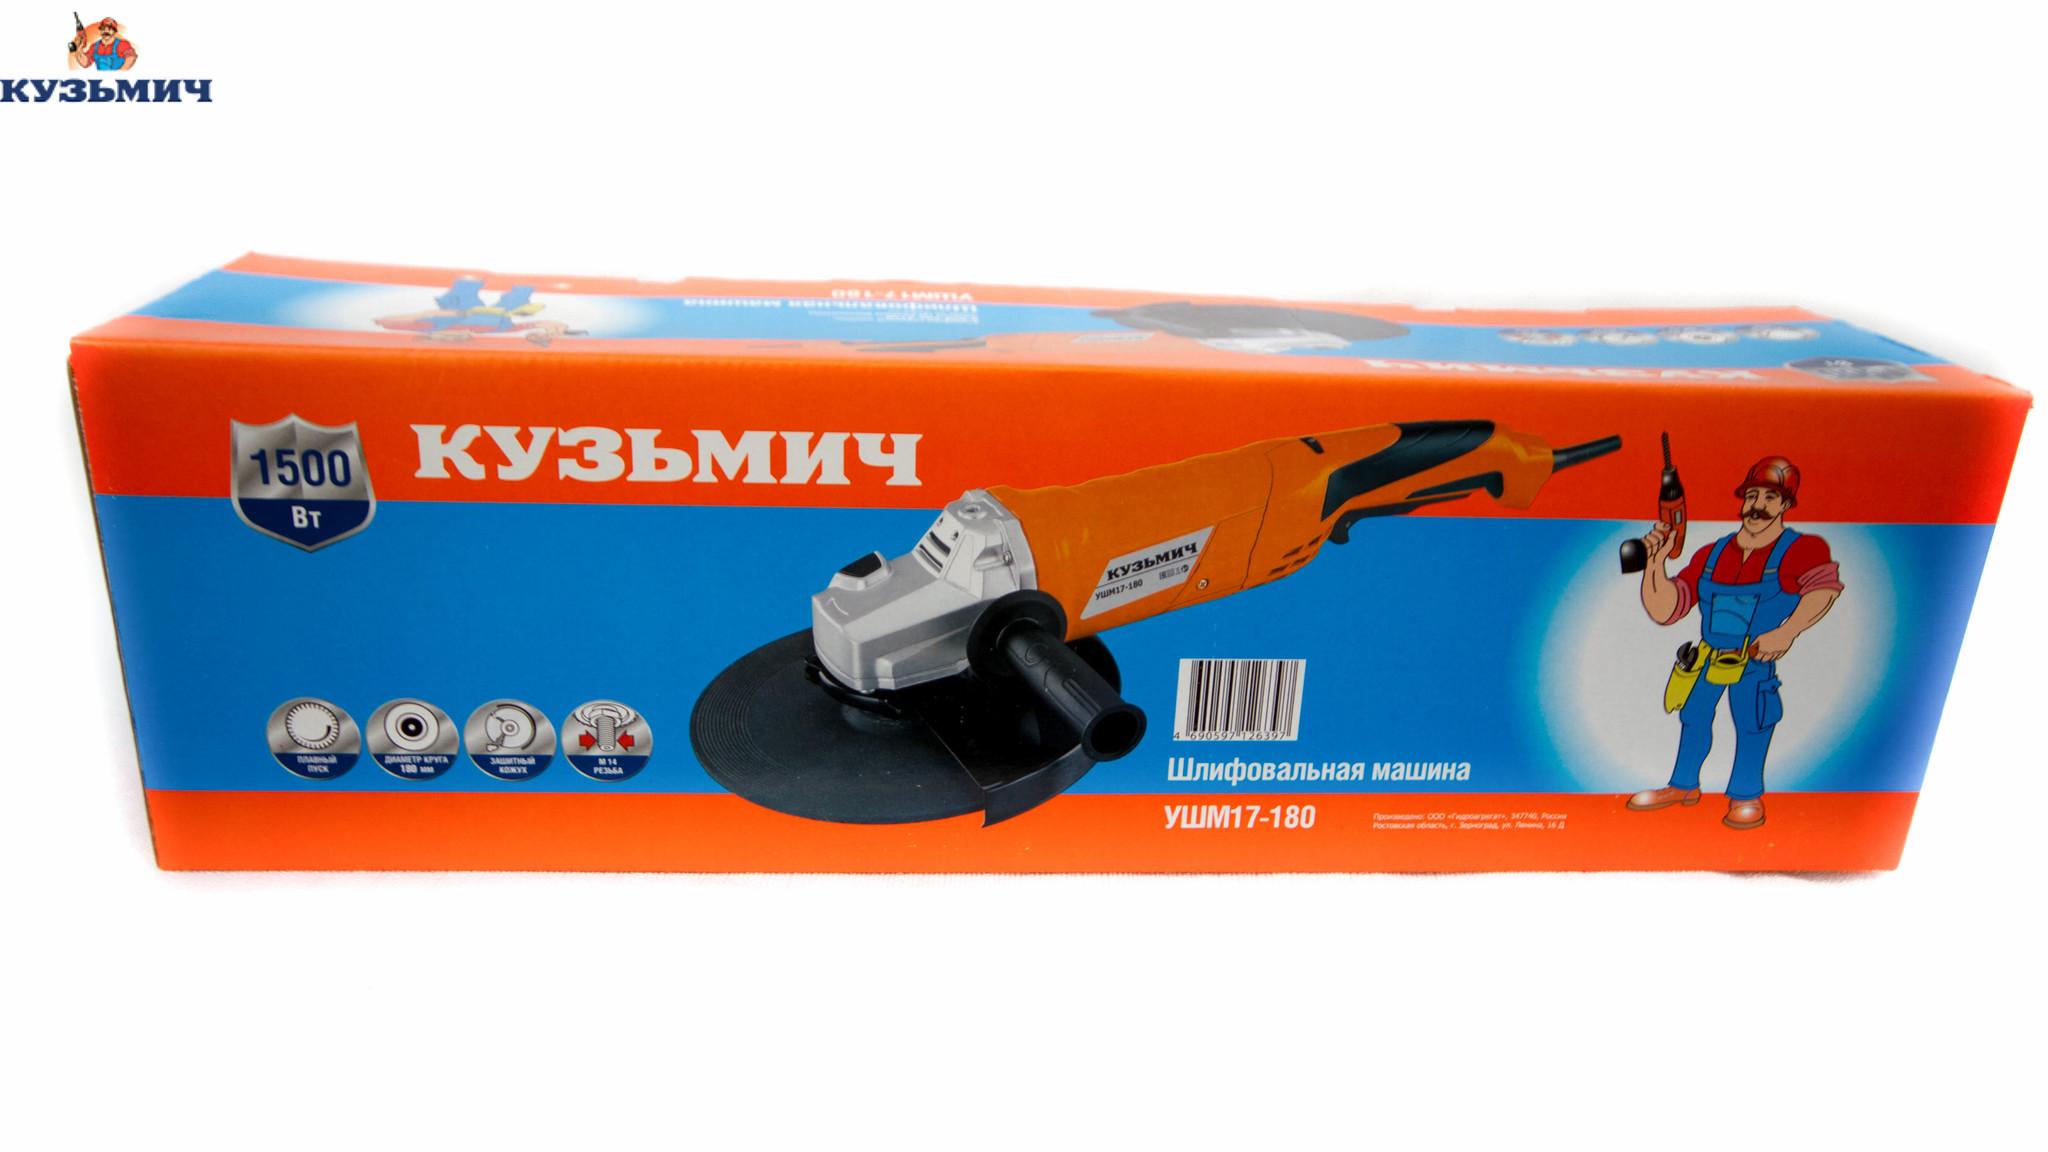 Шлифовальная машина Кузьмич УШМ17-180